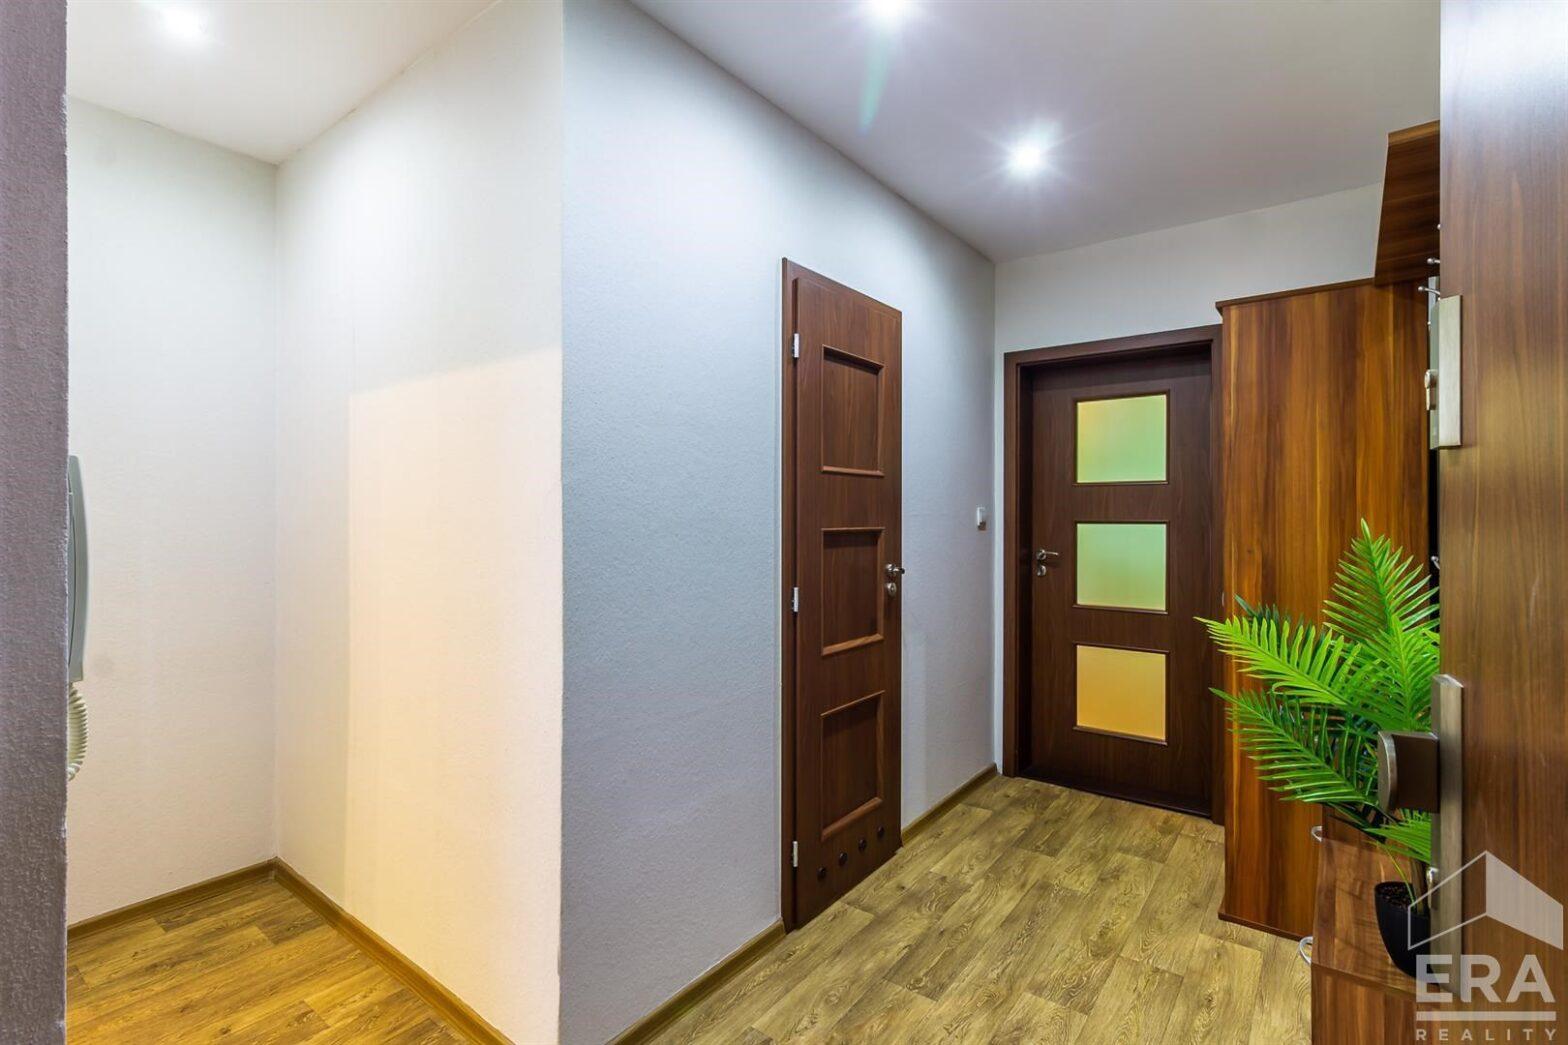 Pronájem bytu 2+1, Ostrava- Hrabůvka na ul. Josefa Kotase